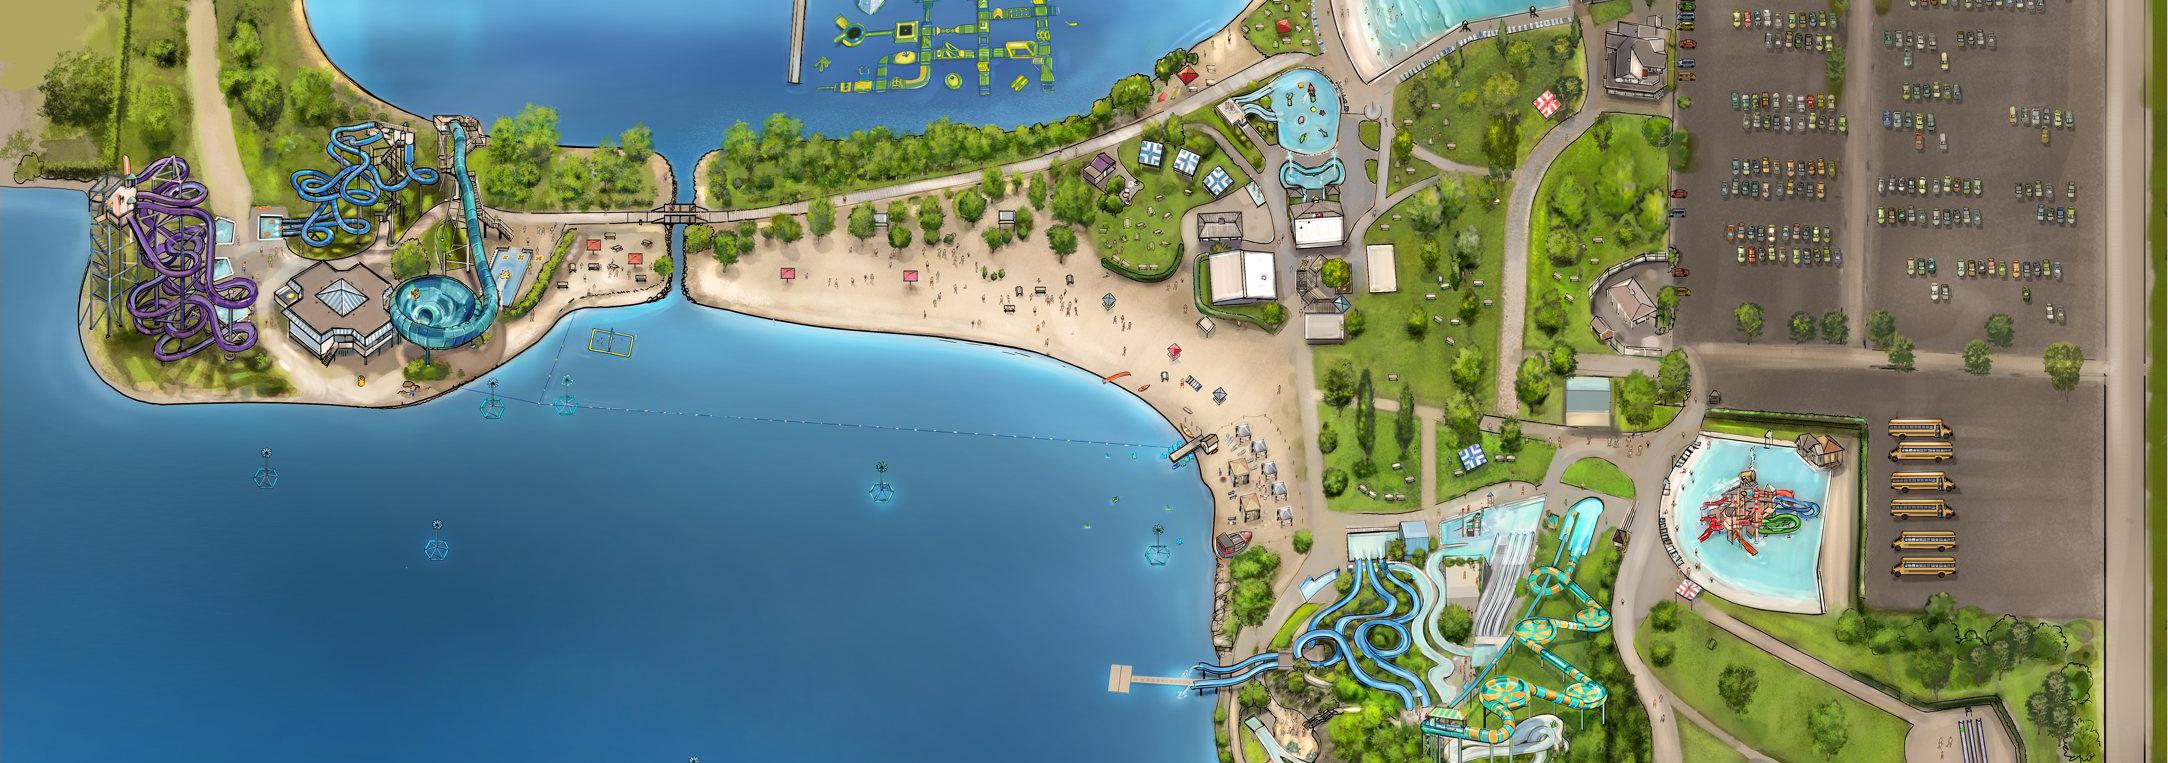 Carte du super aqua club comportant toutes les attractions